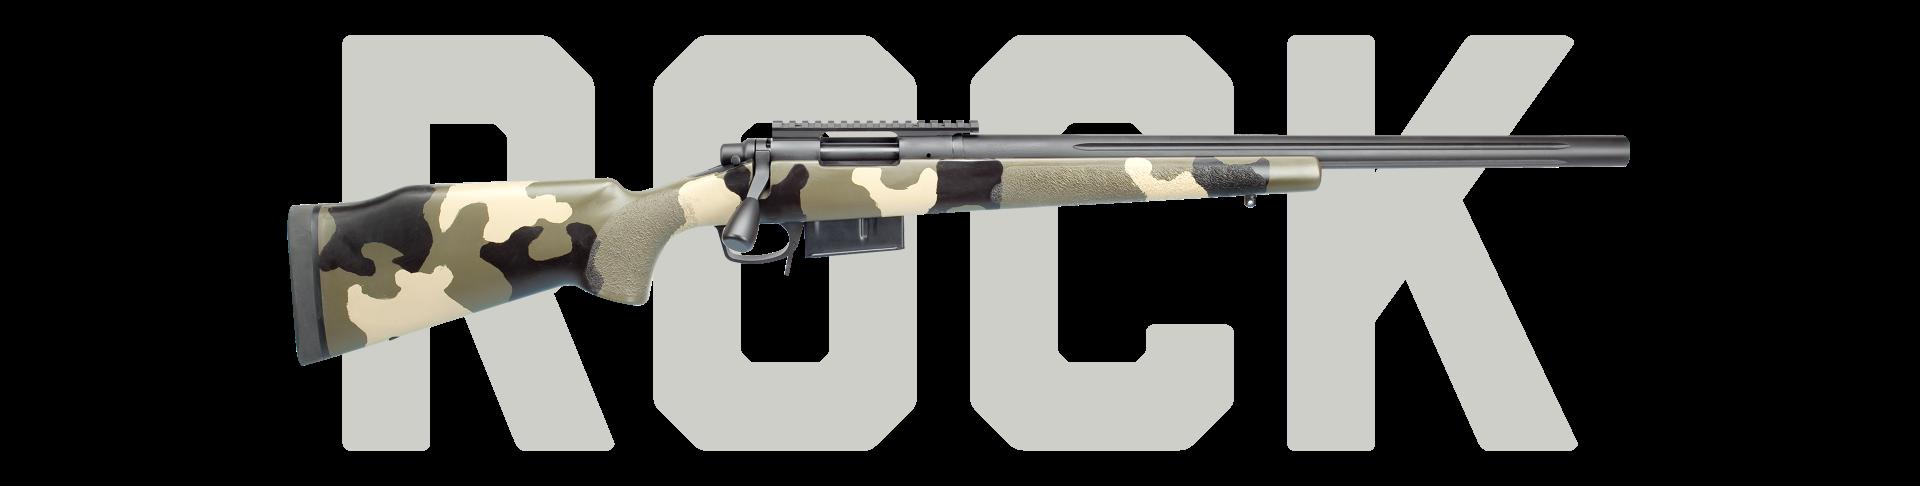 G a precision professional. Hunter clipart sniper